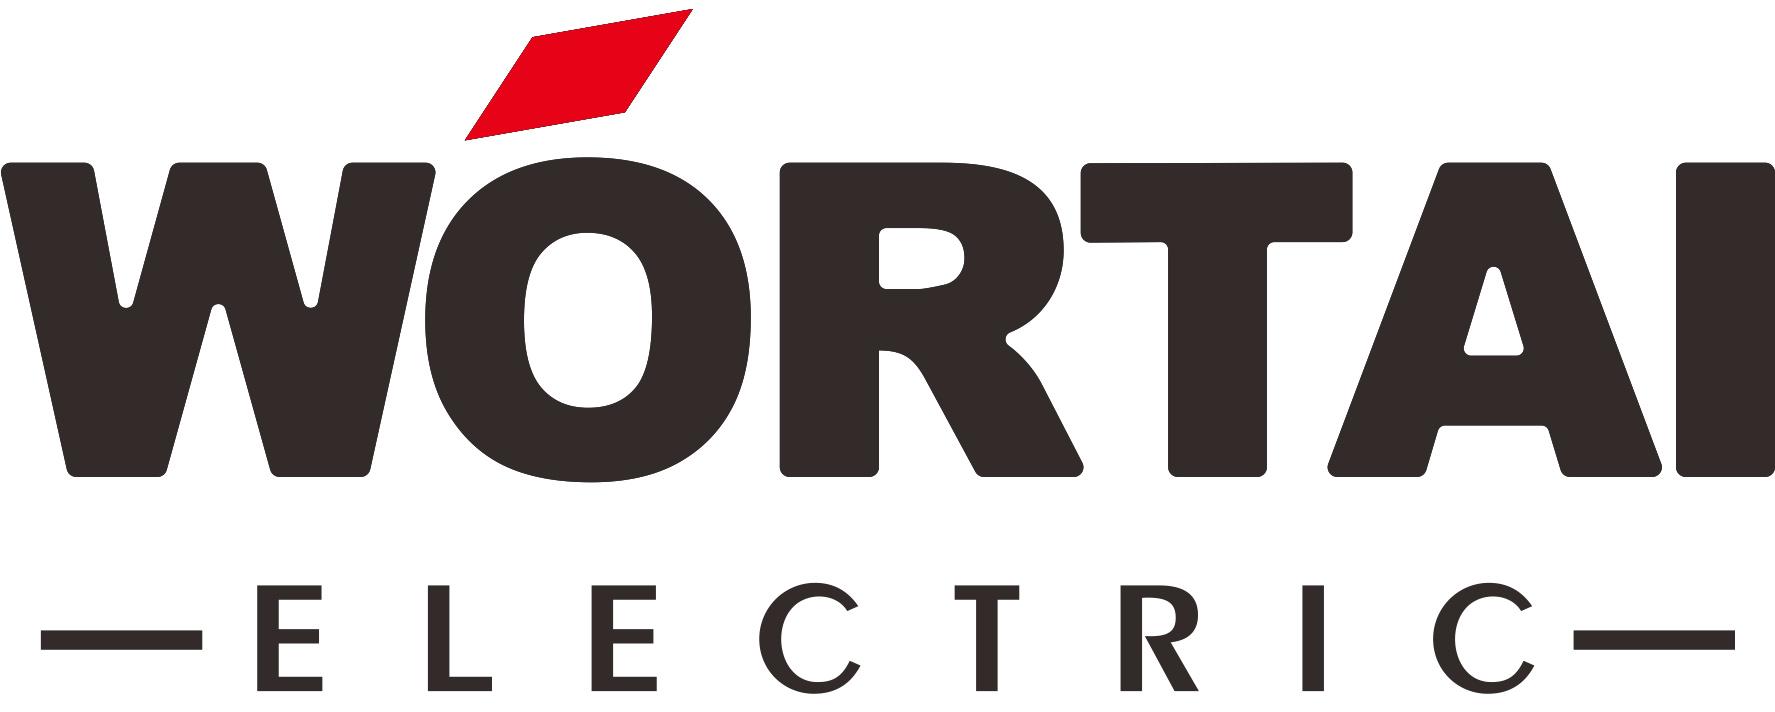 Yueqing Wortai Electric Co.,Ltd logo